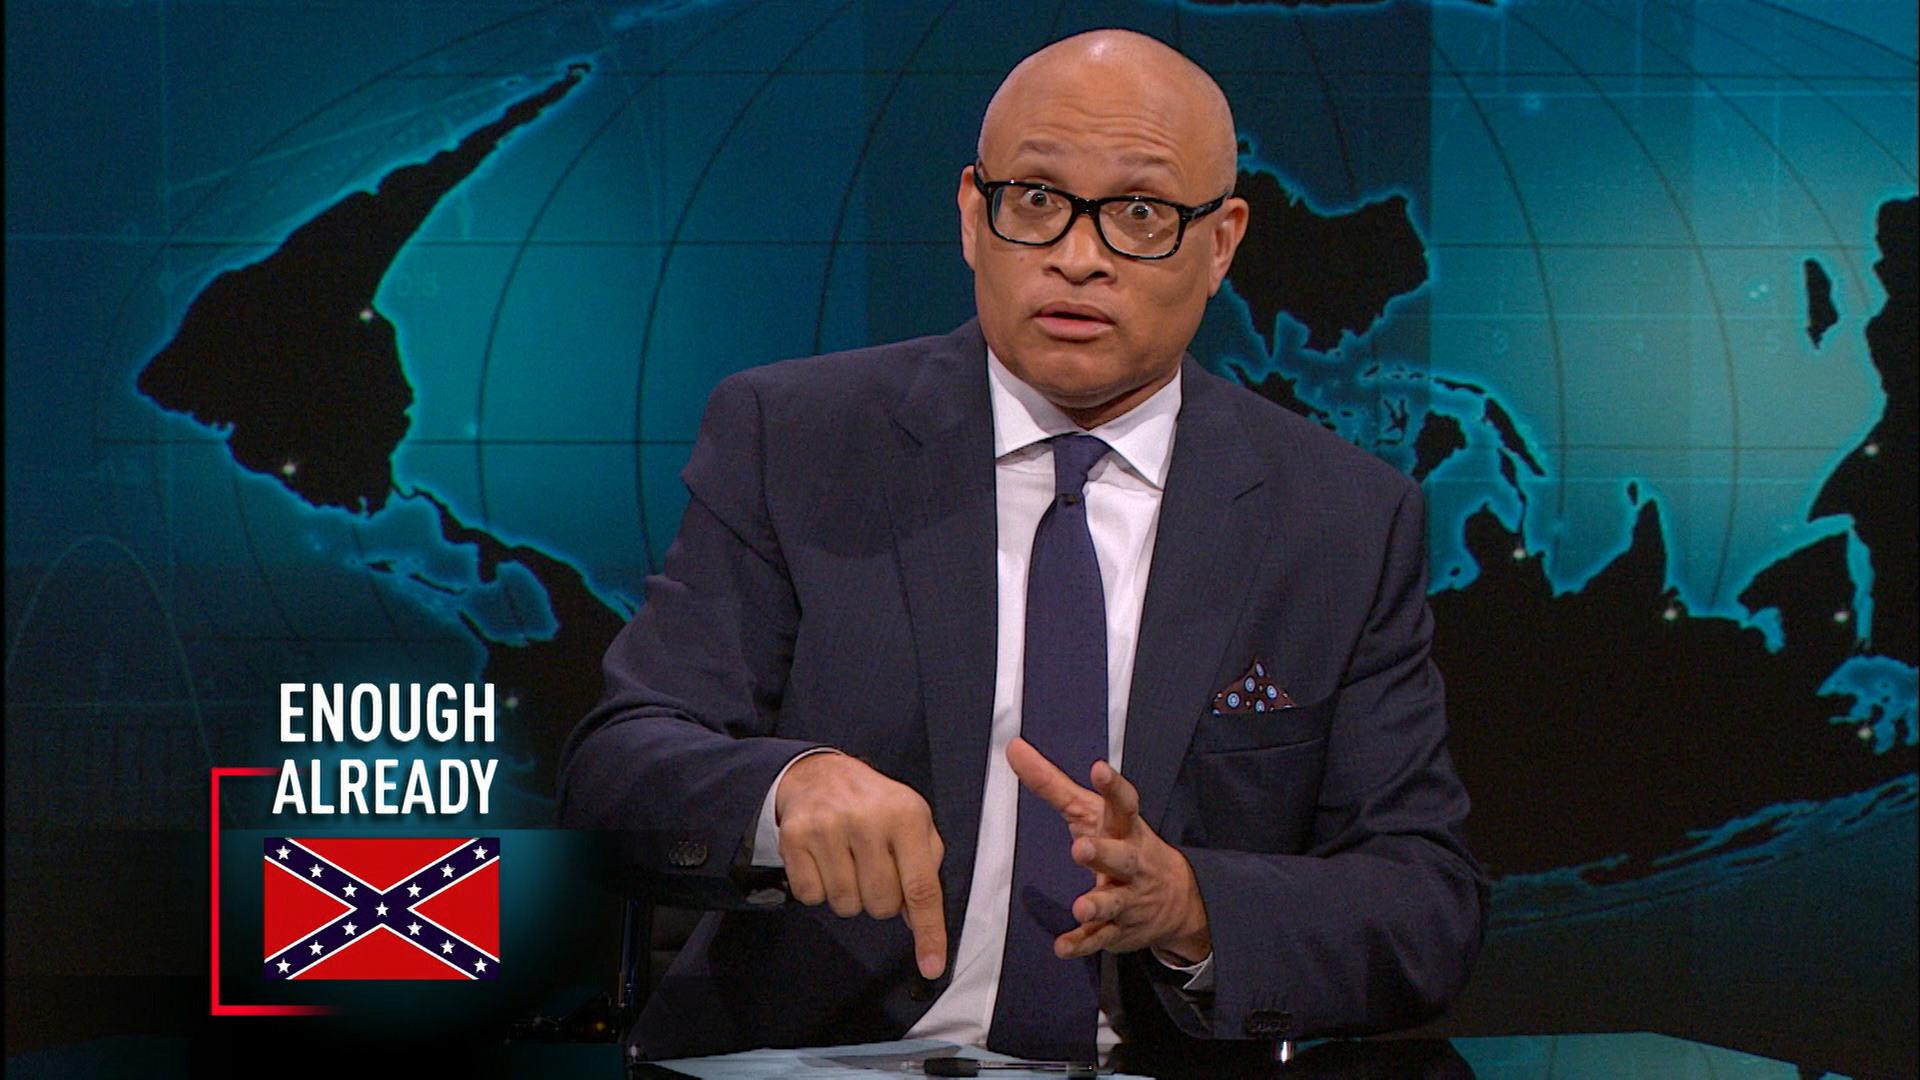 June 22, 2015 - Confederate Flag Battle in South Carolina